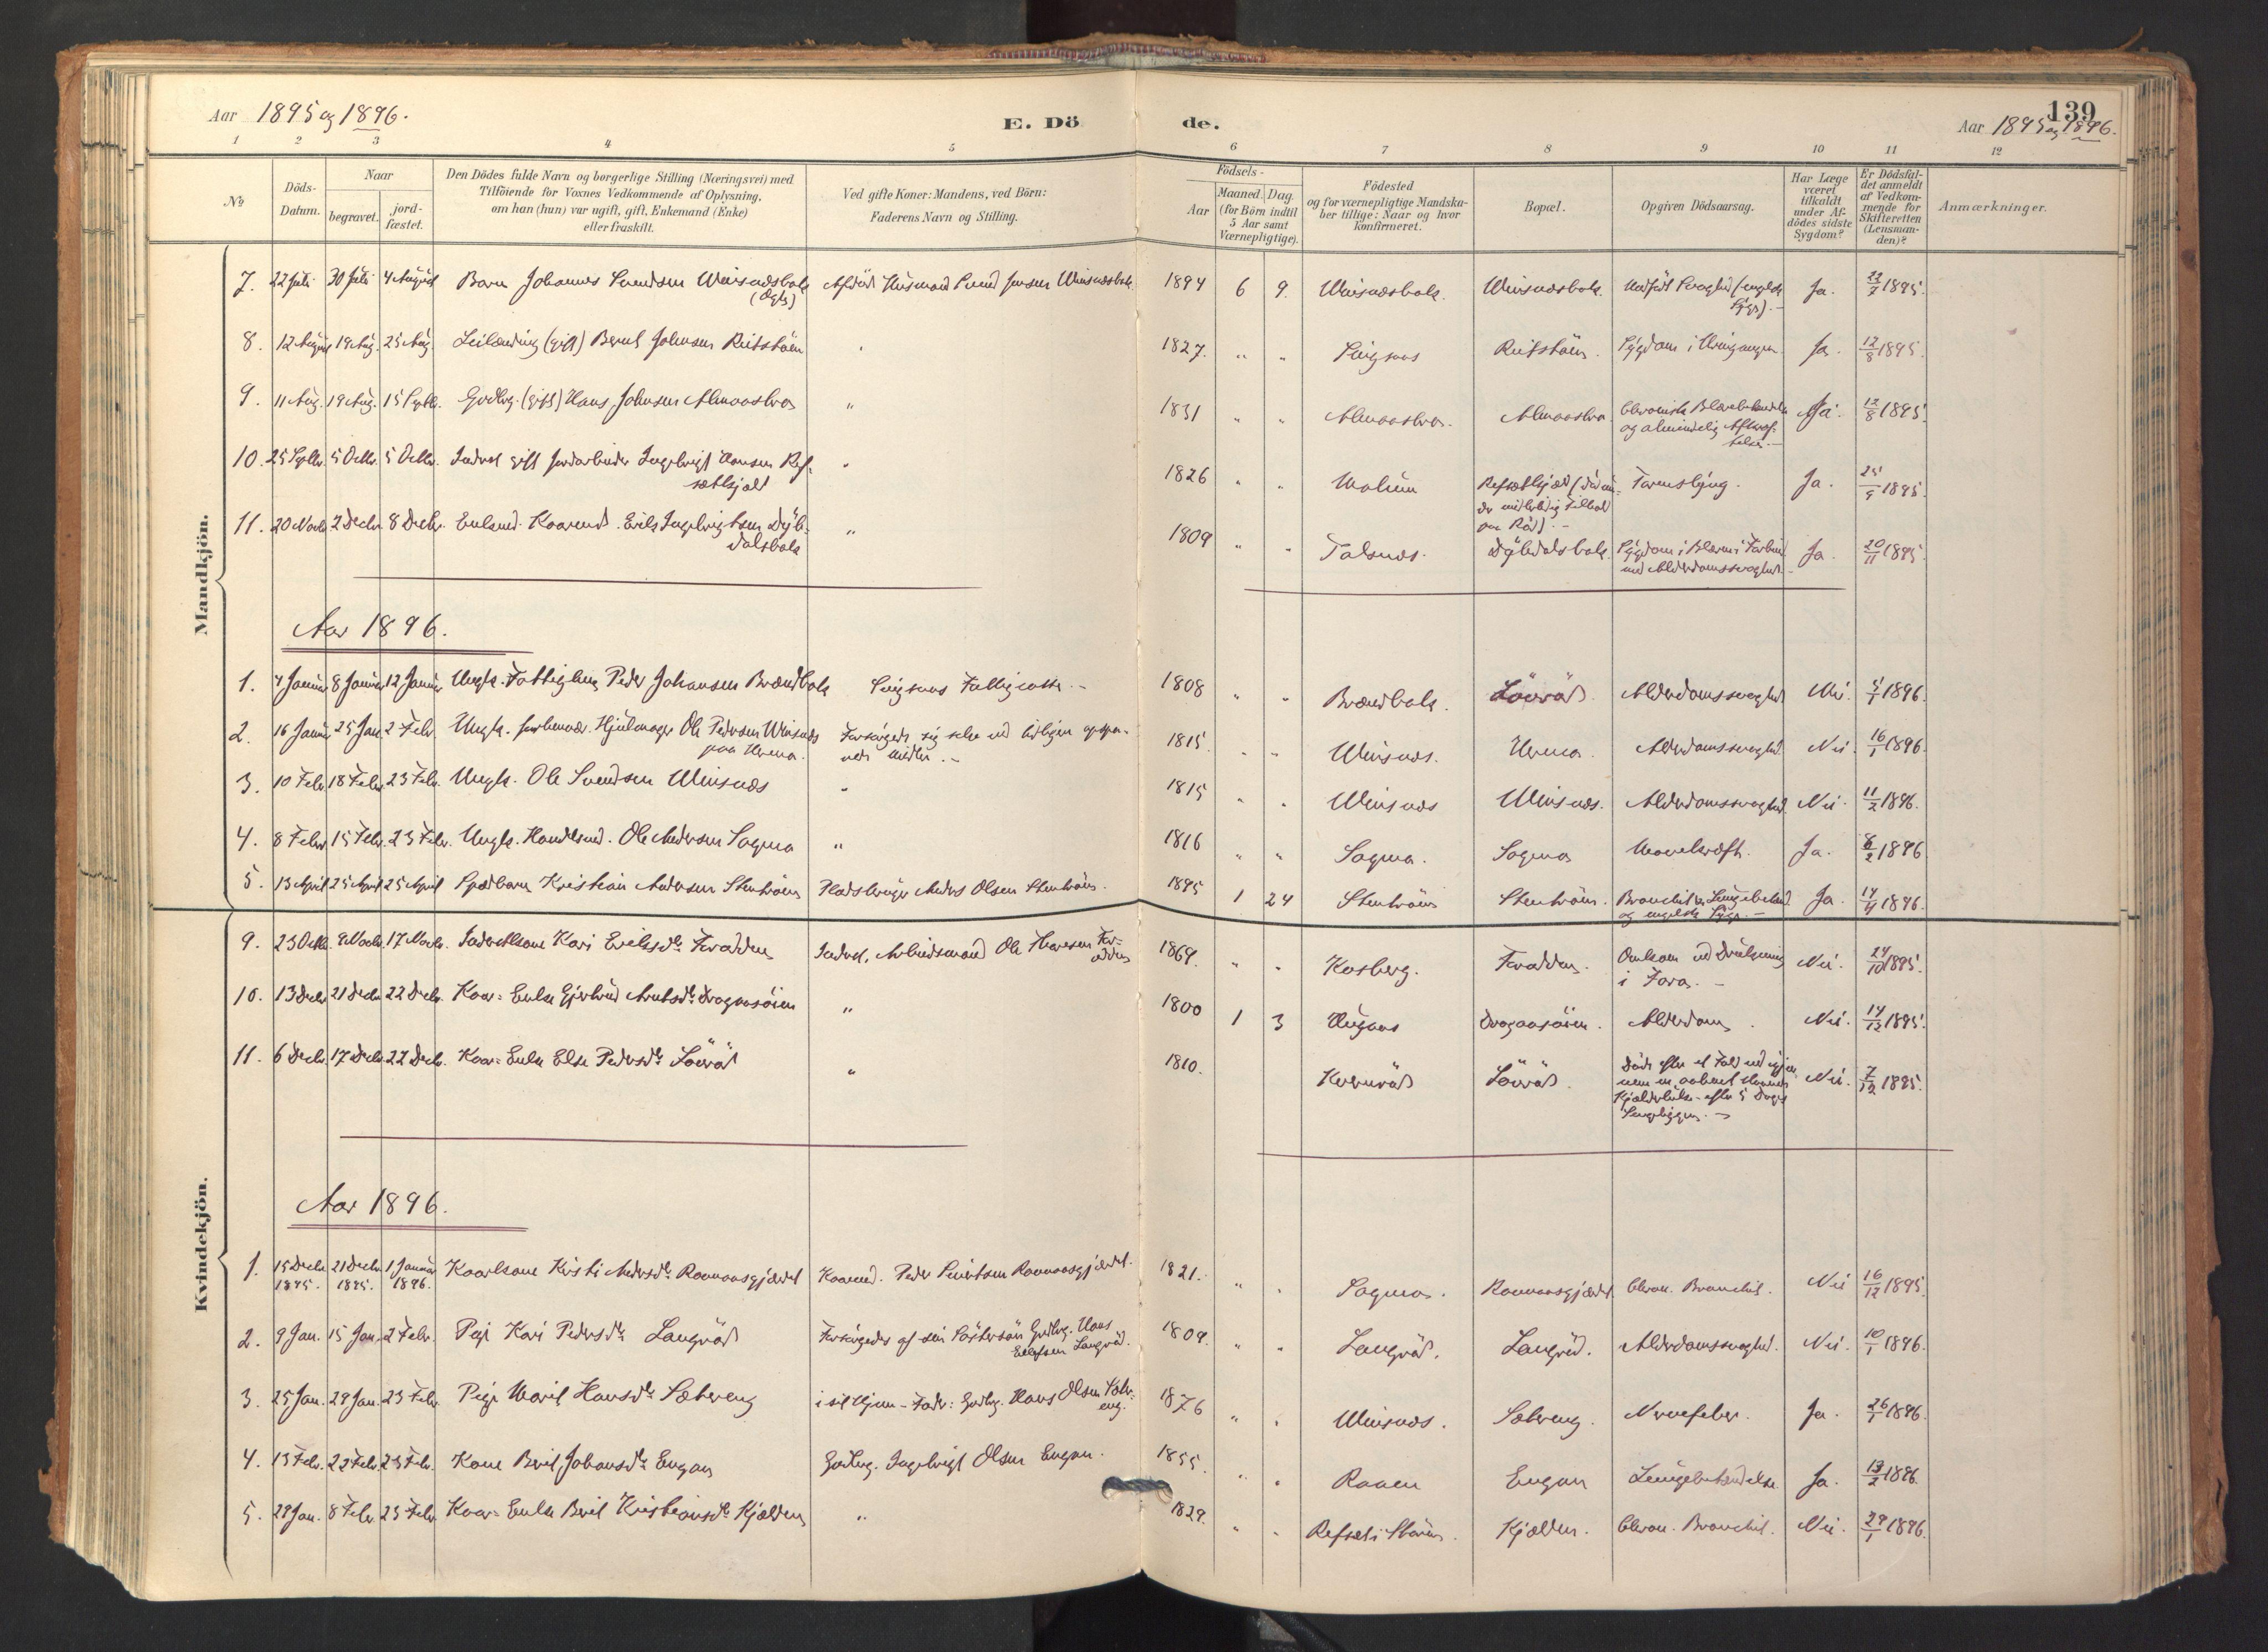 SAT, Ministerialprotokoller, klokkerbøker og fødselsregistre - Sør-Trøndelag, 688/L1025: Ministerialbok nr. 688A02, 1891-1909, s. 139